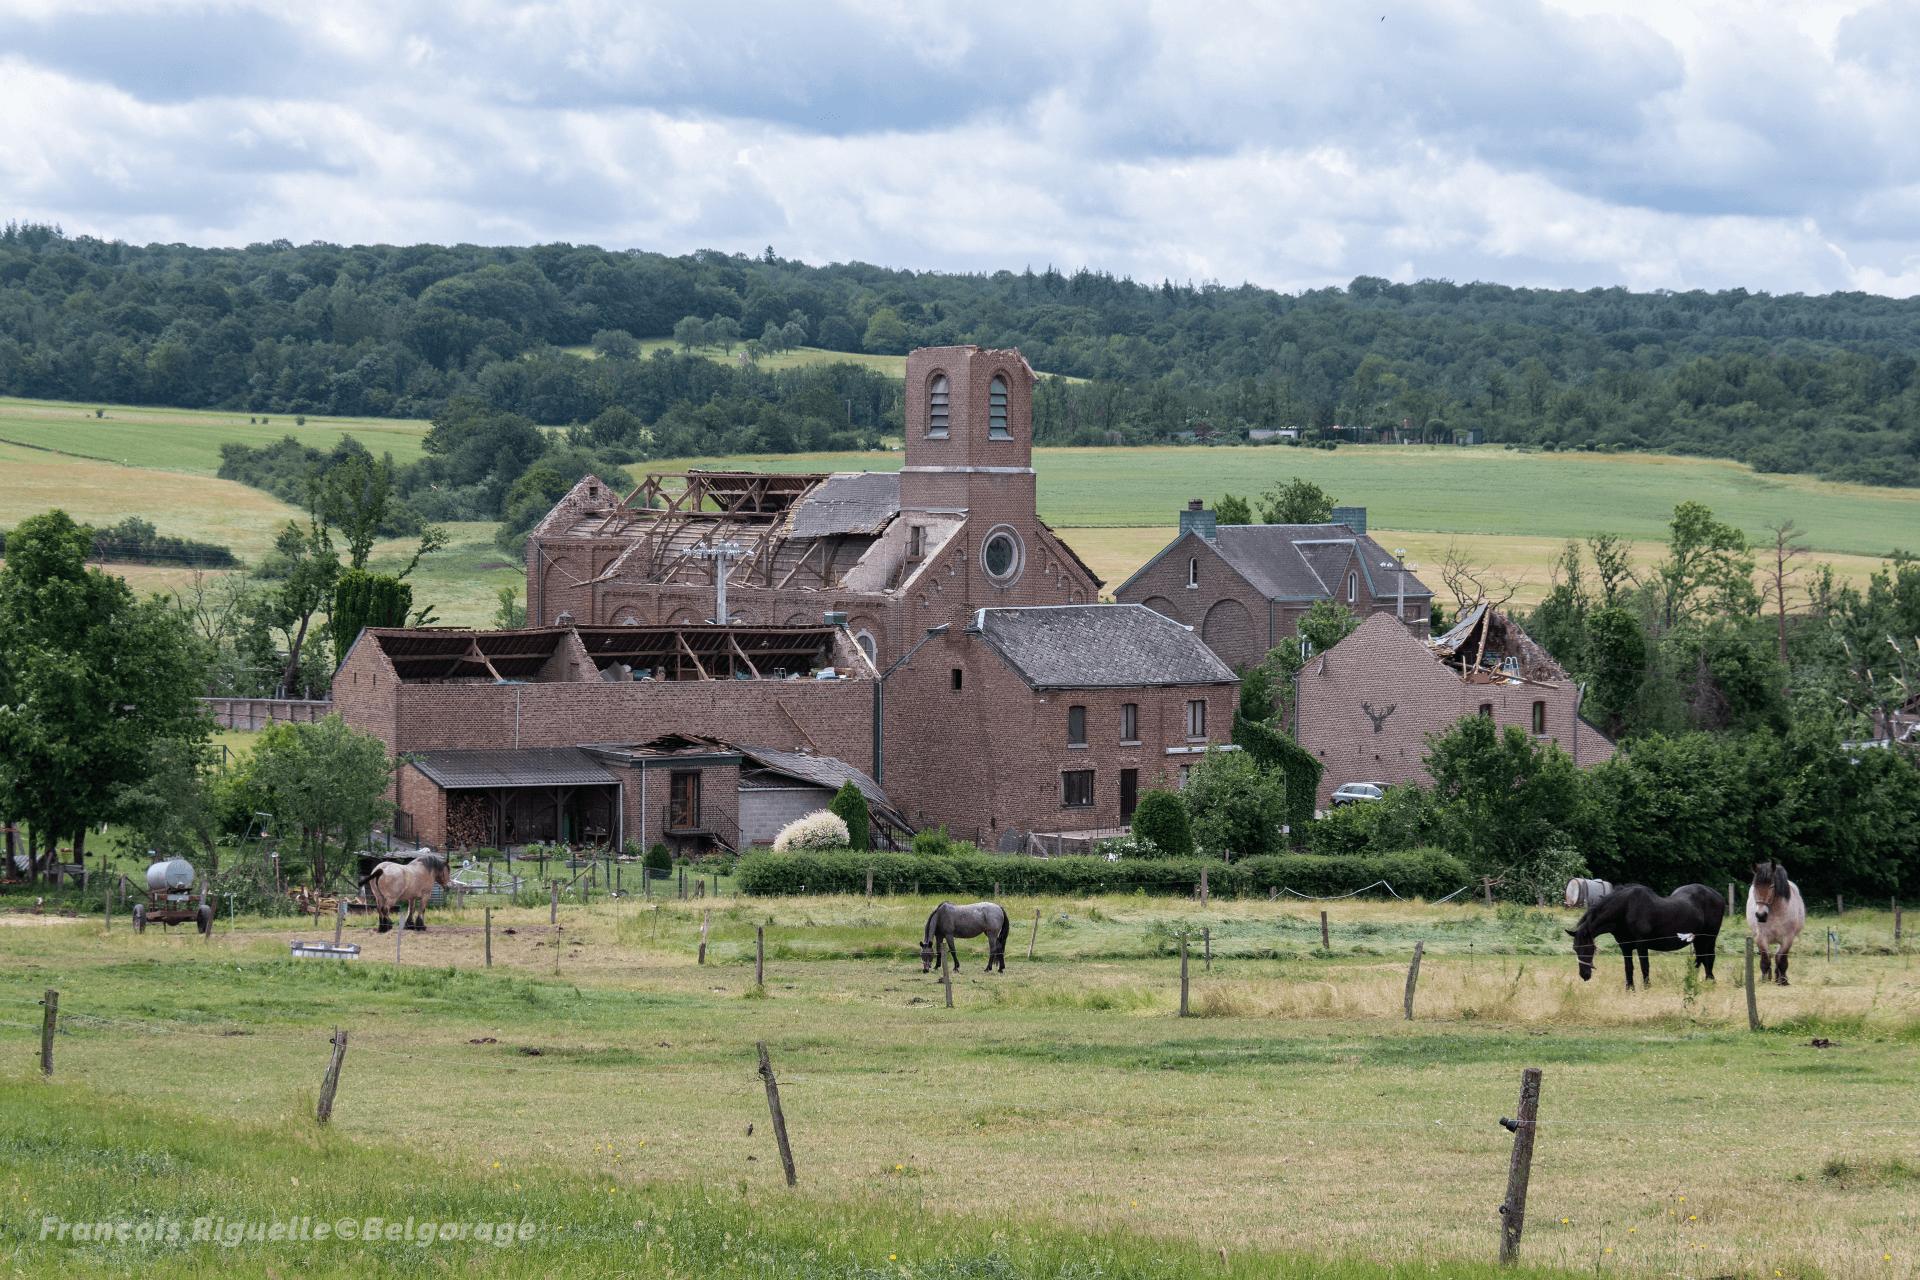 Dommages constatés sur le village de Laloux, en province de Namur, suite au passage d'une tornade le 19 juin 2021.